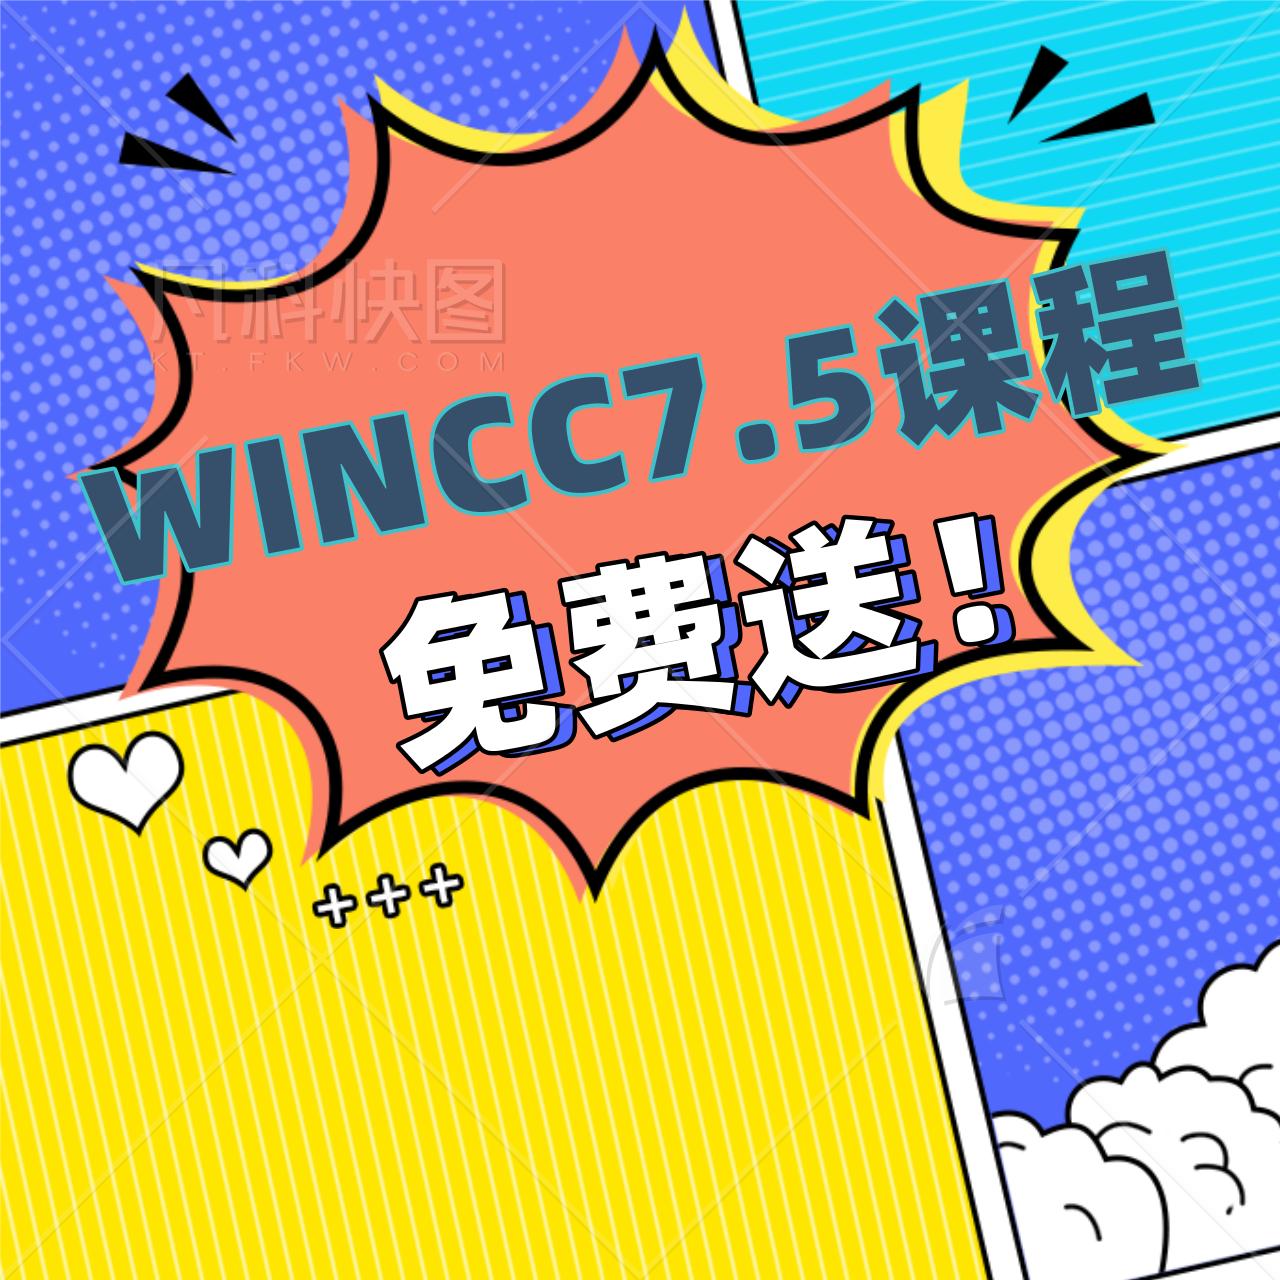 西门子经典版WINCC7.5